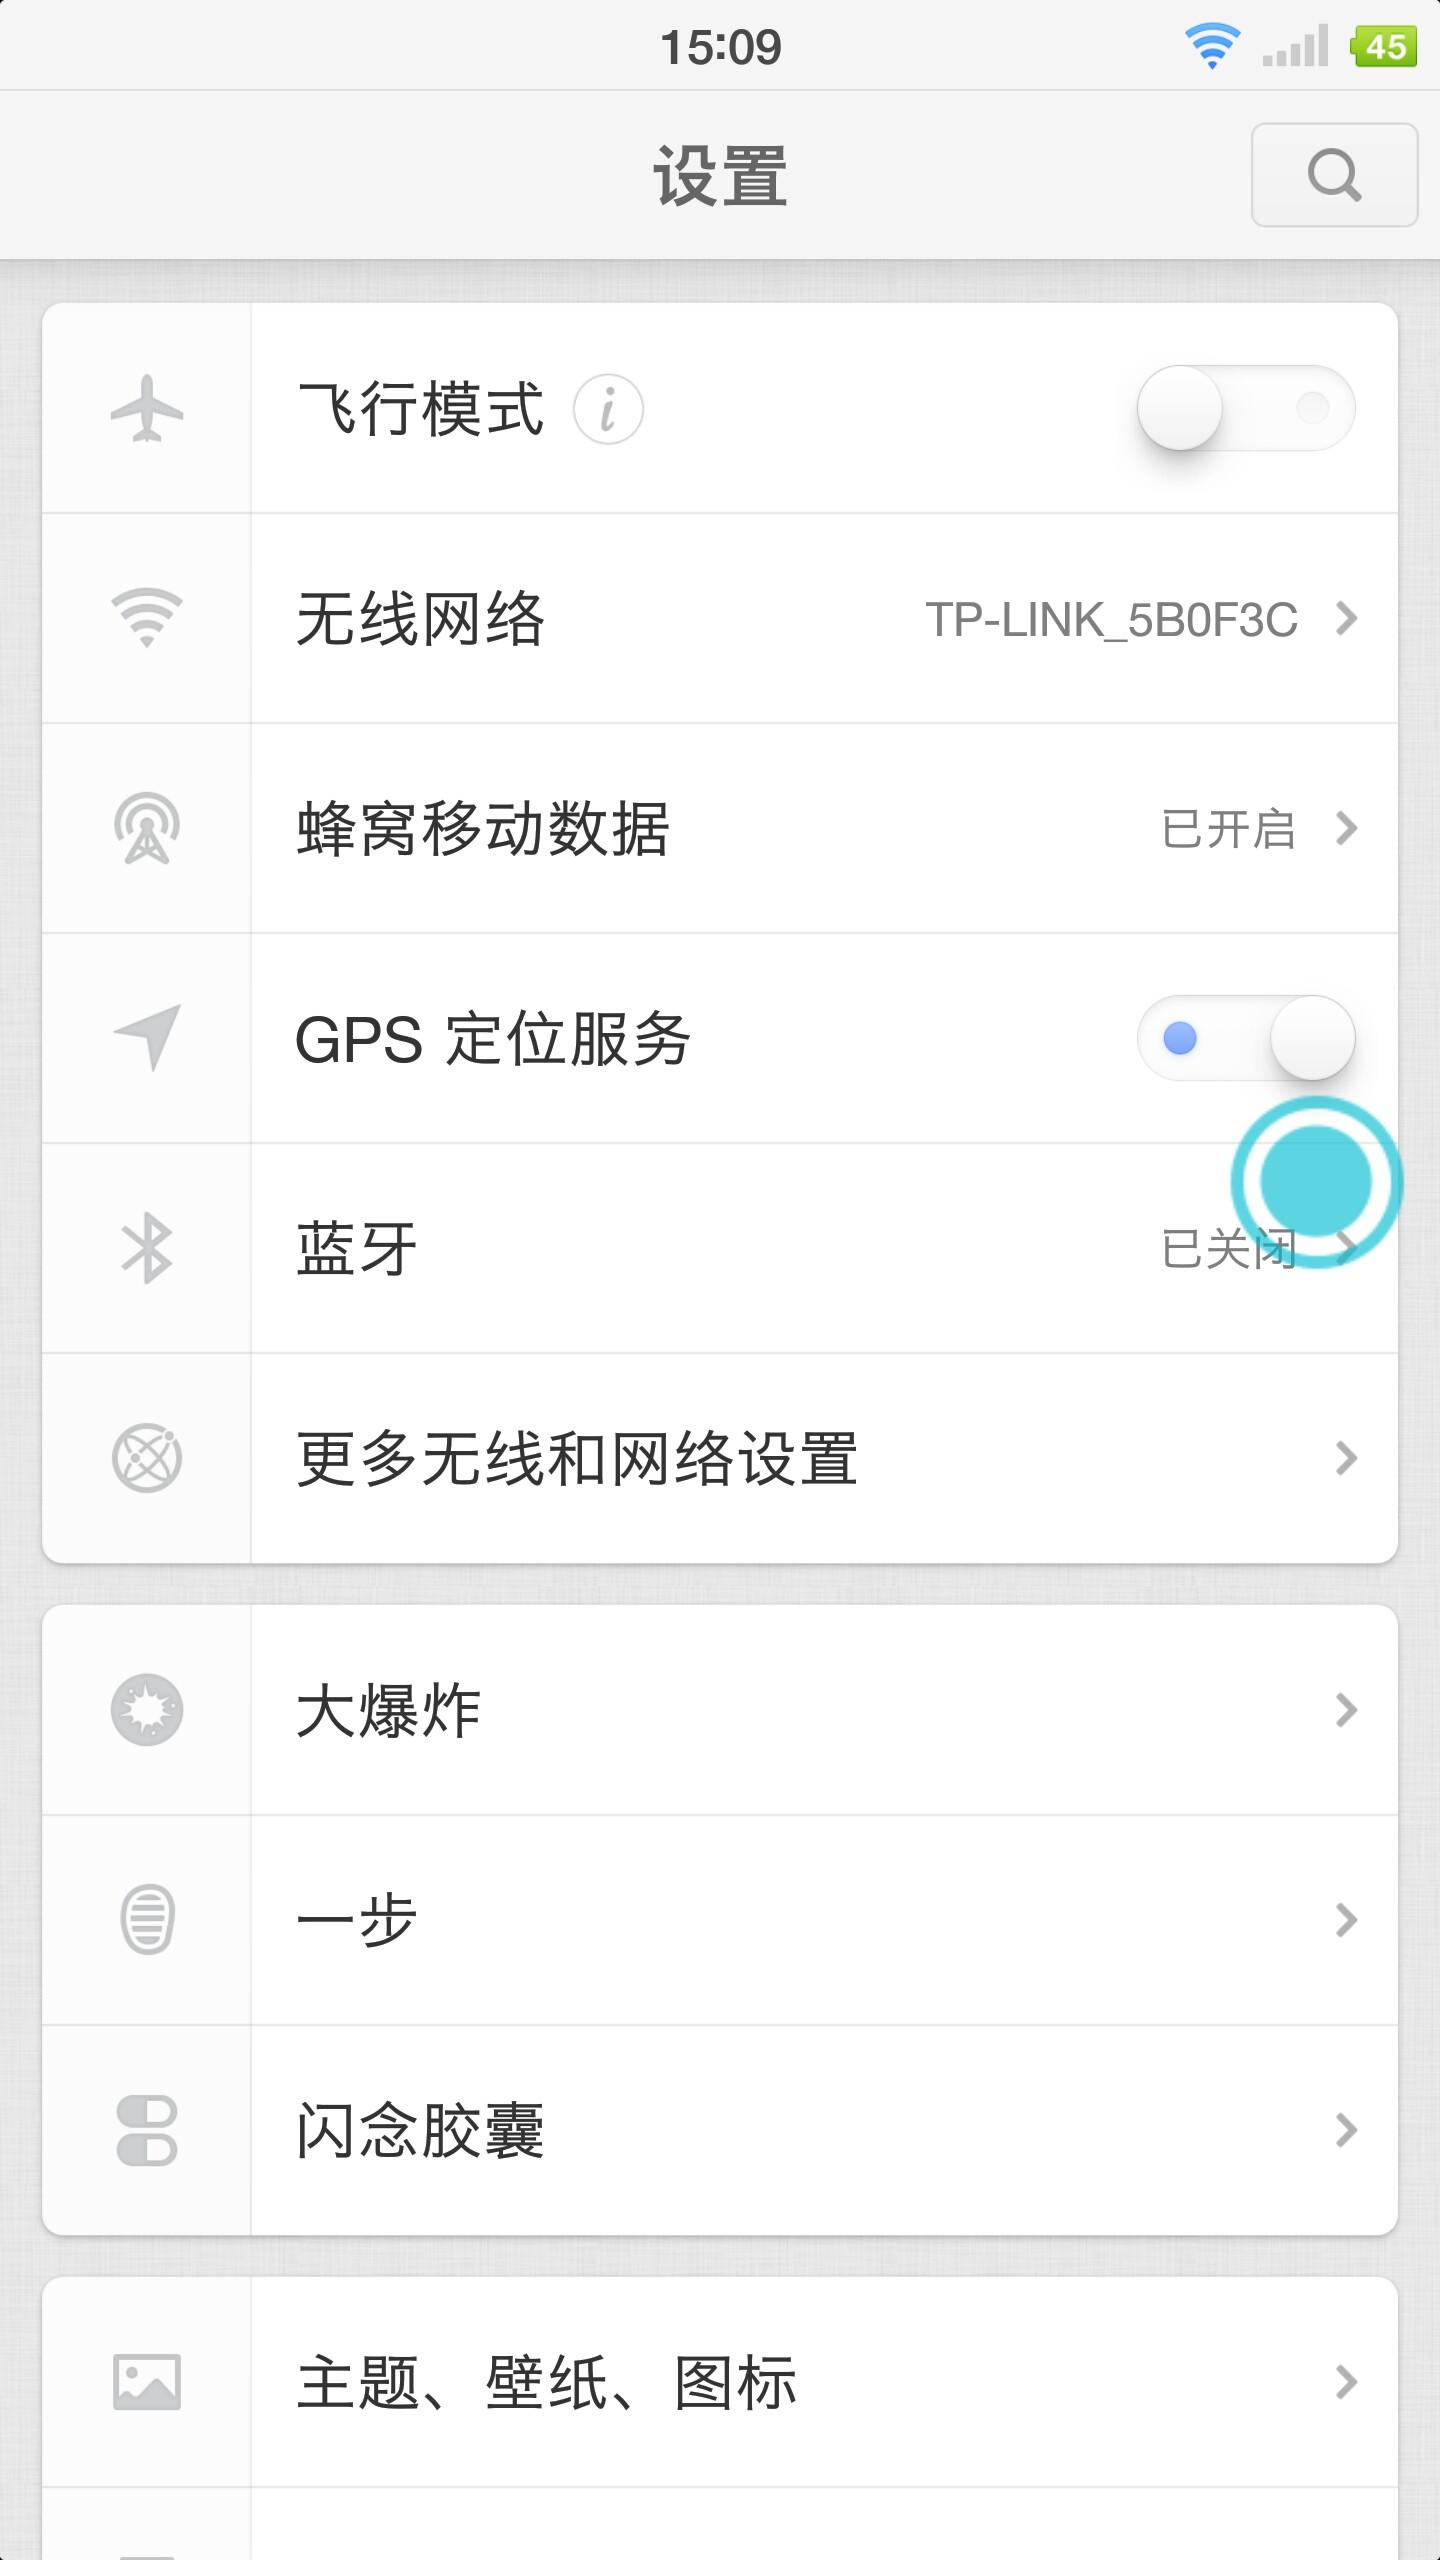 Screenshot_2018-10-02-15-09-35-340_??_compress.png